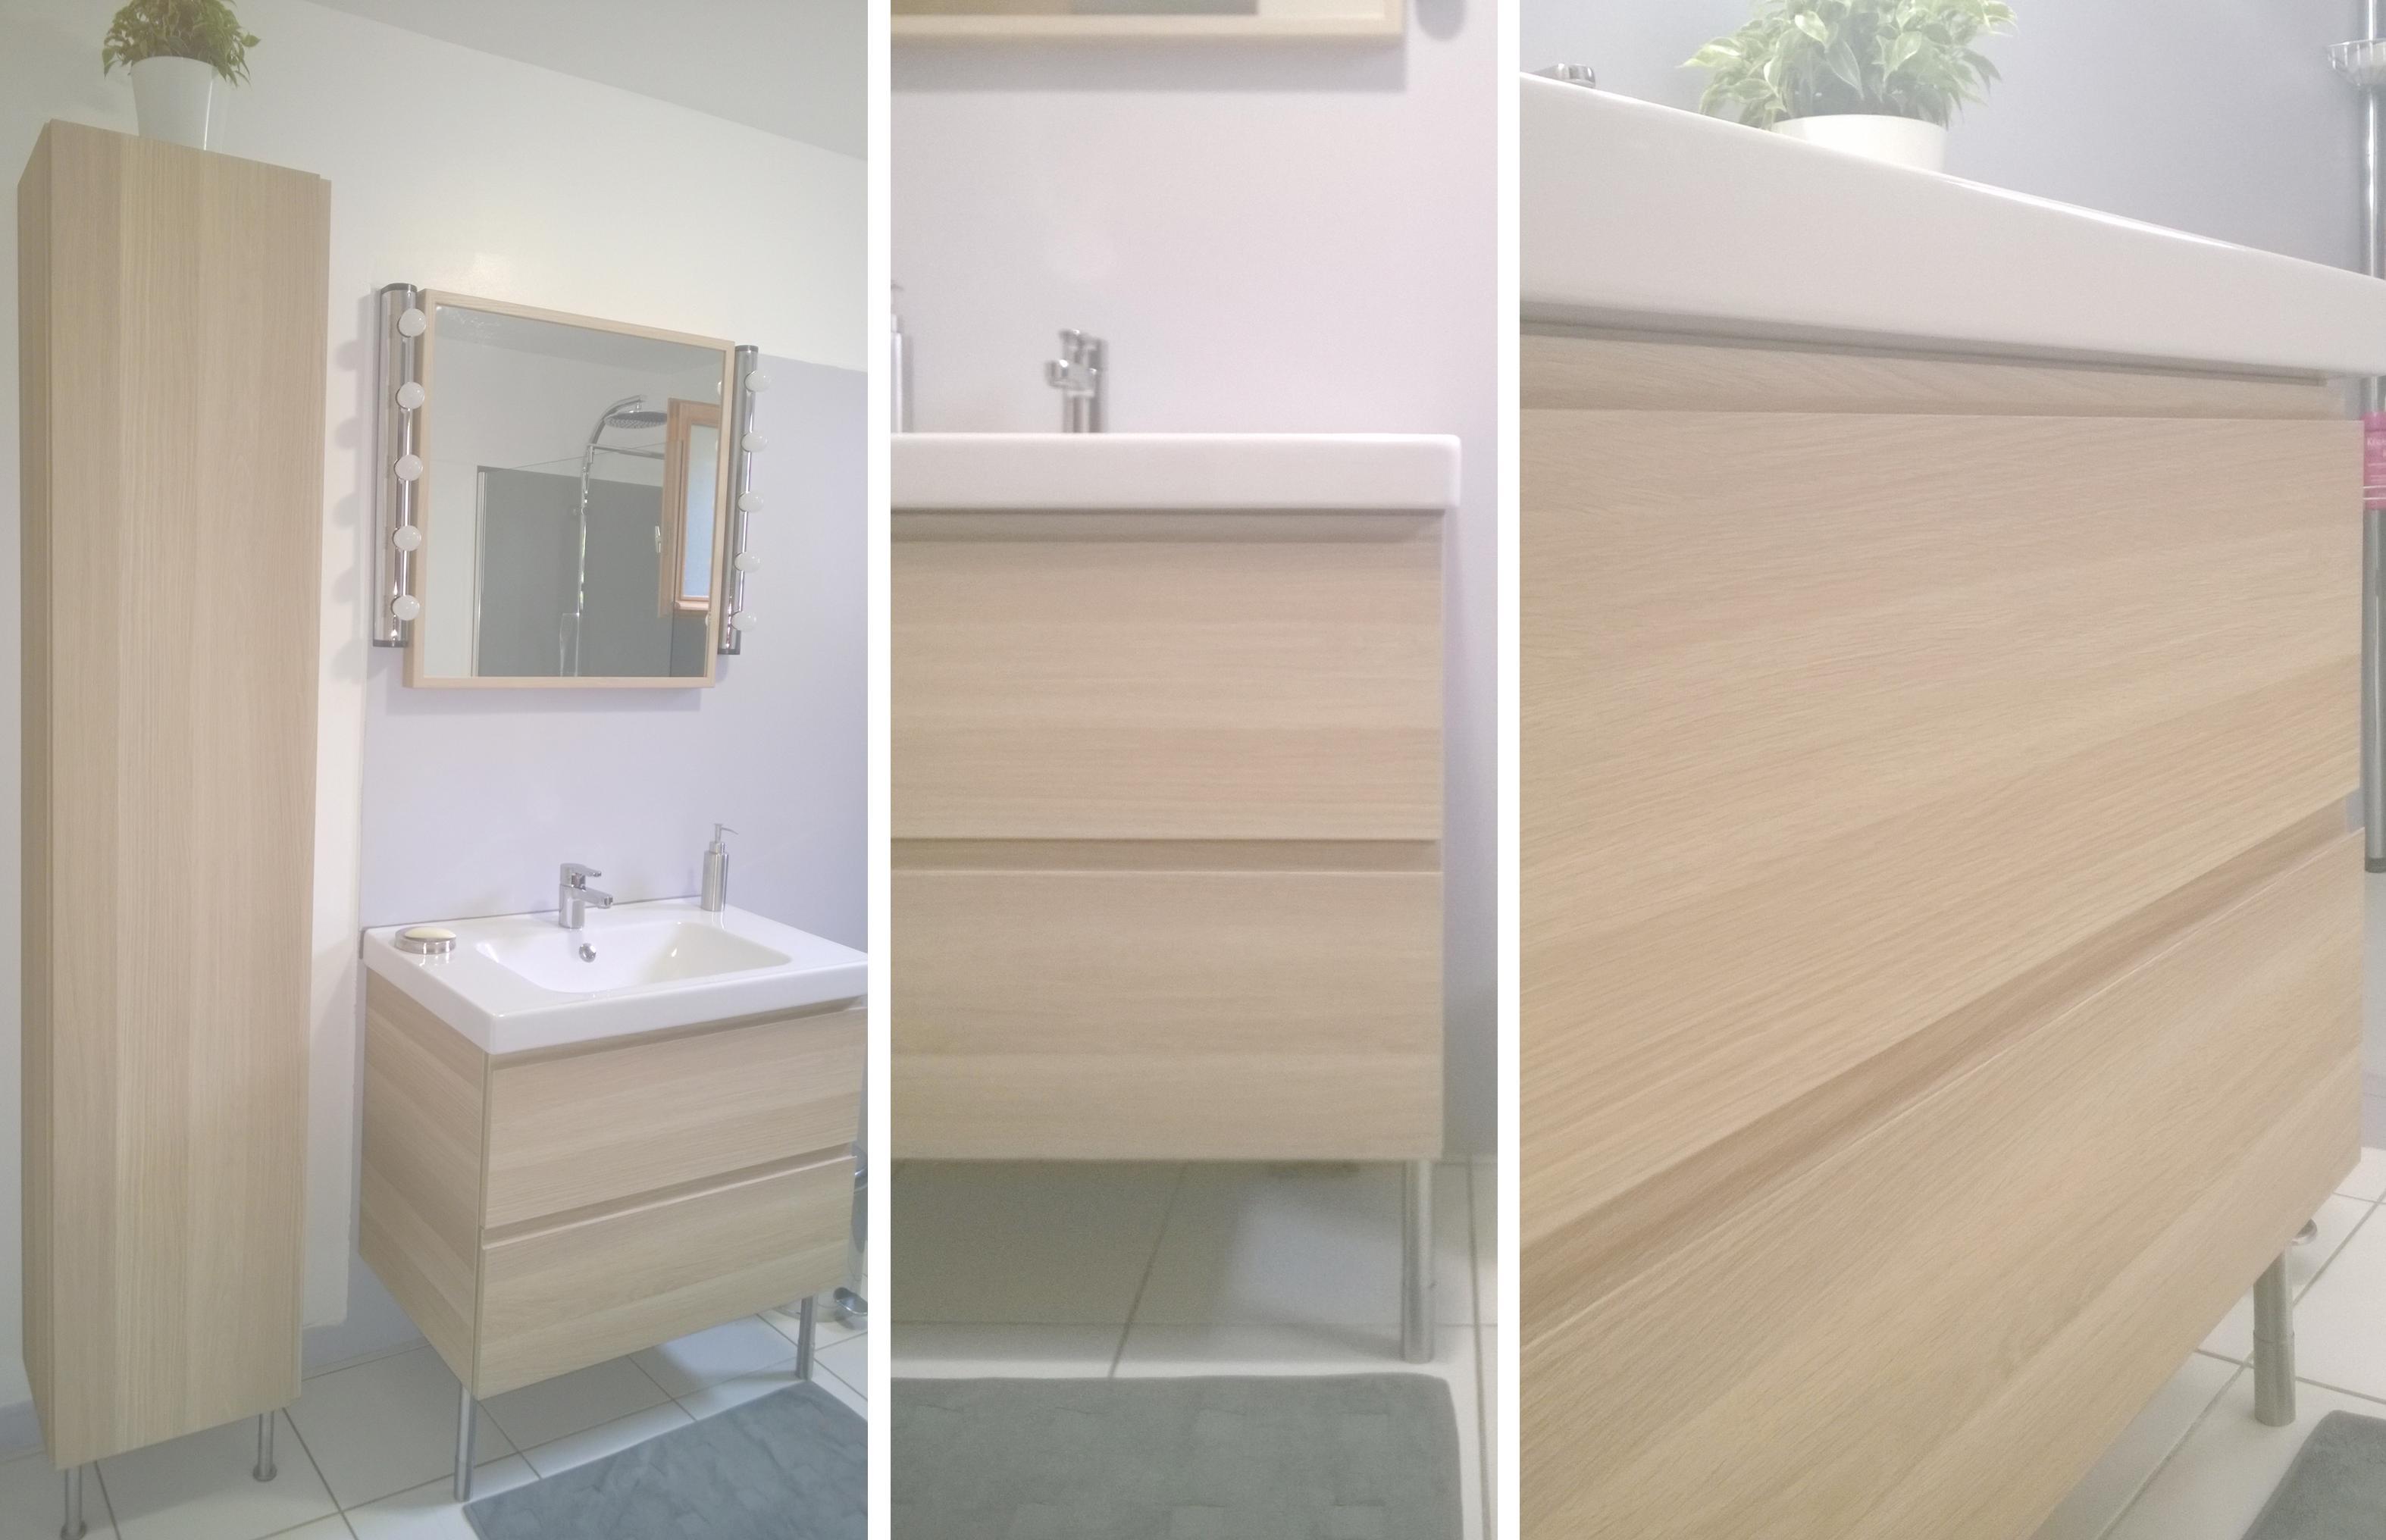 Salle De Bain Faience Grise salle de bain : rénovation en gris, blanc et bois